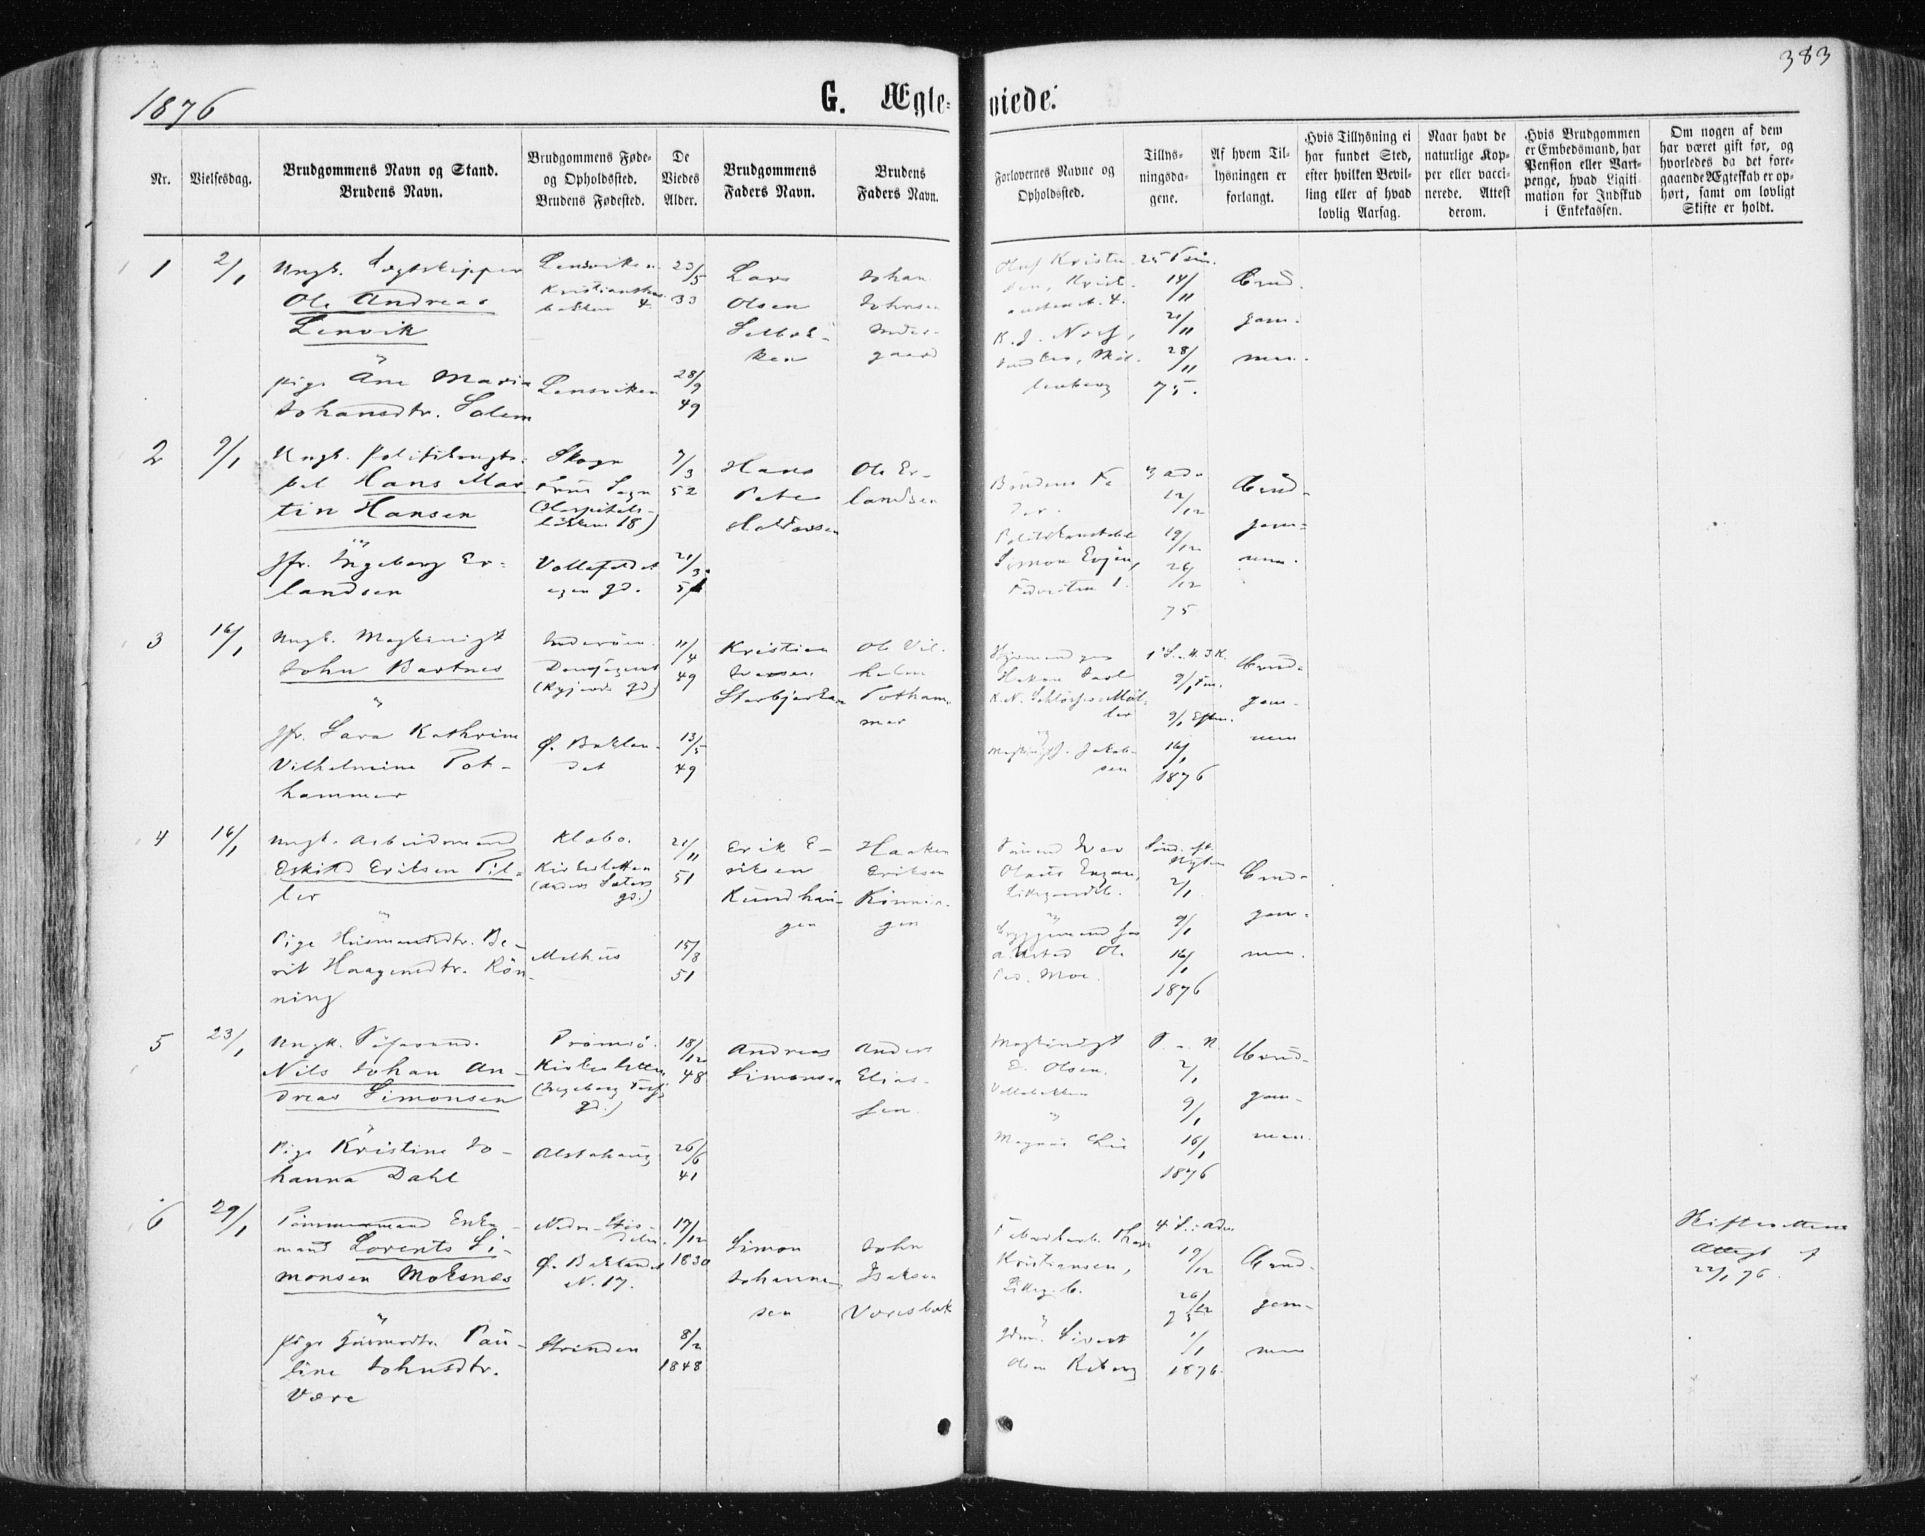 SAT, Ministerialprotokoller, klokkerbøker og fødselsregistre - Sør-Trøndelag, 604/L0186: Ministerialbok nr. 604A07, 1866-1877, s. 383